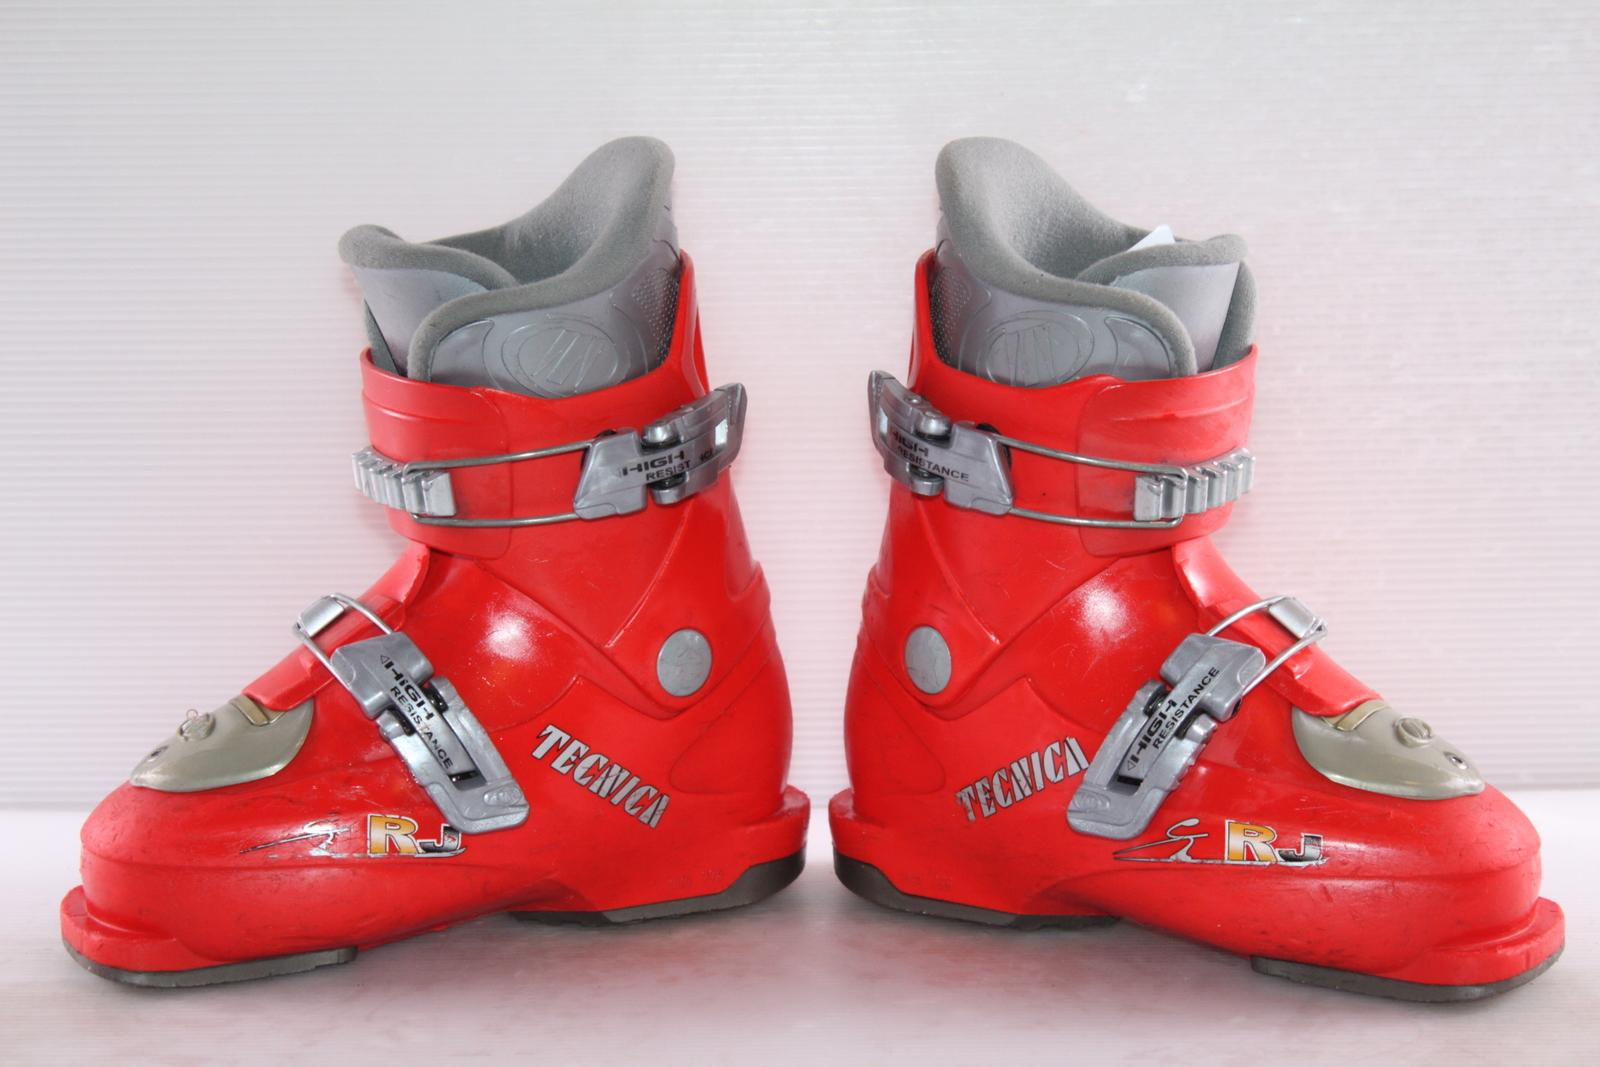 Dětské lyžáky Tecnica RJ  vel. EU30